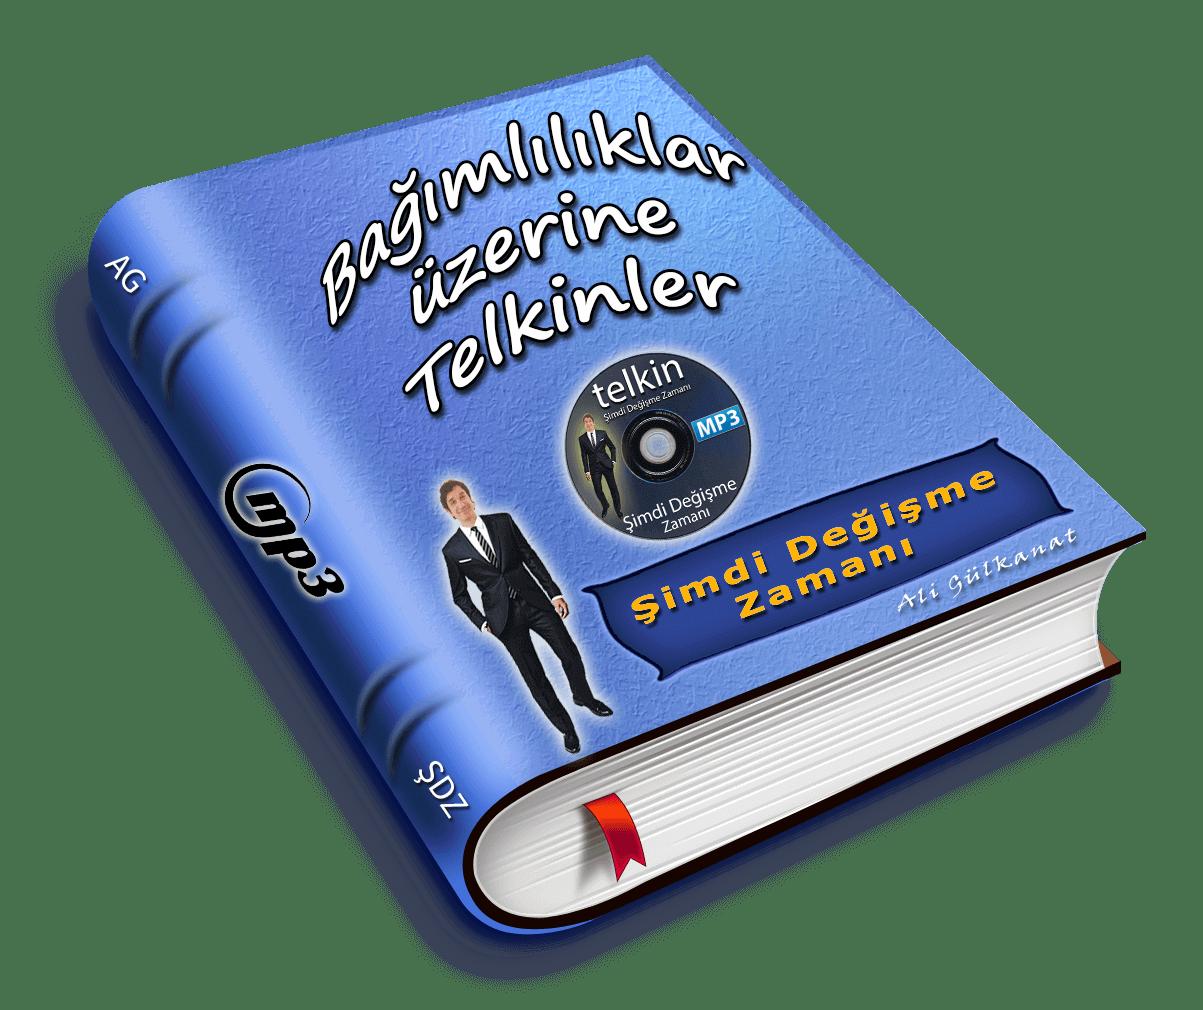 Bilinçaltı | Güvenilir İşe Yarar Telkin | Ali Gülkanat Header